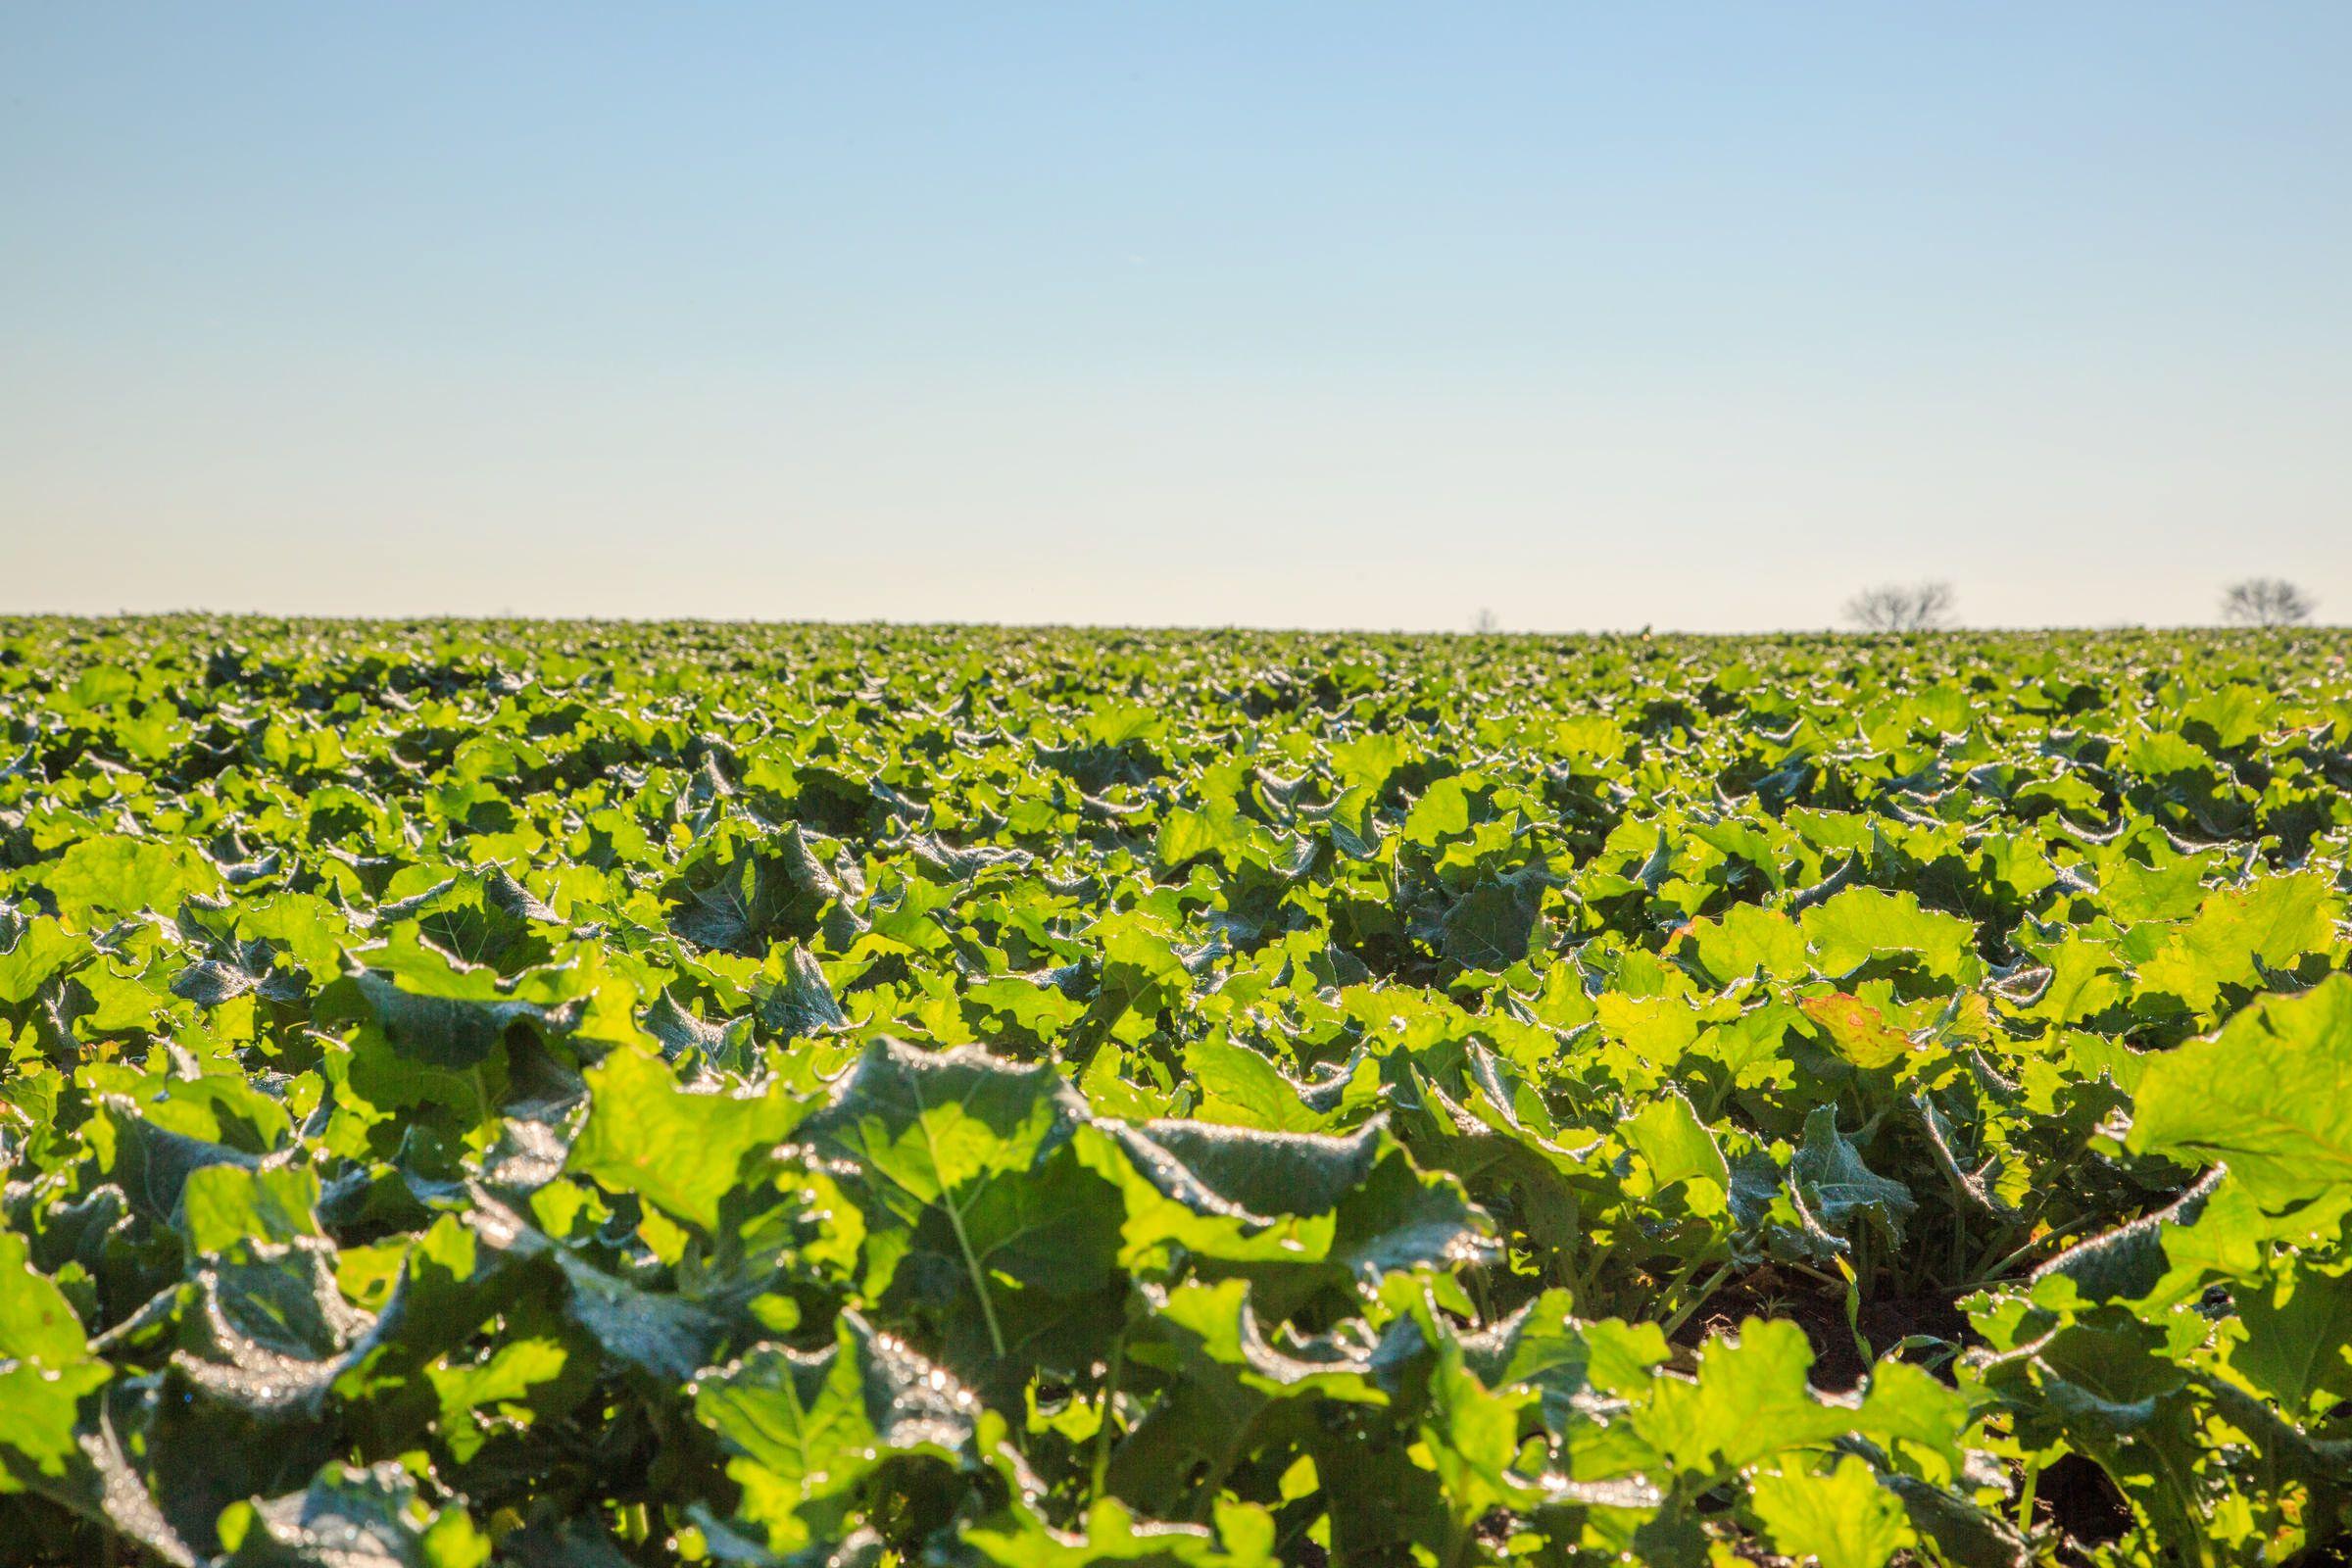 PIK Moravica trenutno obrađuje 2.872 hektara zemlje, od čega u vlasništvu ima 2.745 hektara. Na našim površinama proizvodimo merkantilni kukuruz, pšenicu, ječam, soju, uljanu repicu, te šečernu repu. Osnovna filozofija kompanije je povećanje poljoprivredne proizvodnje, jačanje poslovne učinkovitosti kroz implementaciju proizvodnje sjemenskog kukuruza. Za proizvodnju semenskog kukuruza potrebna su dodatna ulaganja u povećanje tehnološke opremljenosti opreme, odnosno u digitalizaciju agroindustrije. Navedeno se može postići kupovinom nove opreme i mehanizacije koja ima viši stepen tehnološke opremljenosti i digitalizacije , a što i predstavlja preduvjet za proizvodnju sjemenskog kukuruza. Naše poslovanje podrazumijeva kvalitetnu obradu zemljišta, postizanje visokih prinosa te poboljšanje kvalitete tla i kvalitete poljoprivrednih proizvoda.